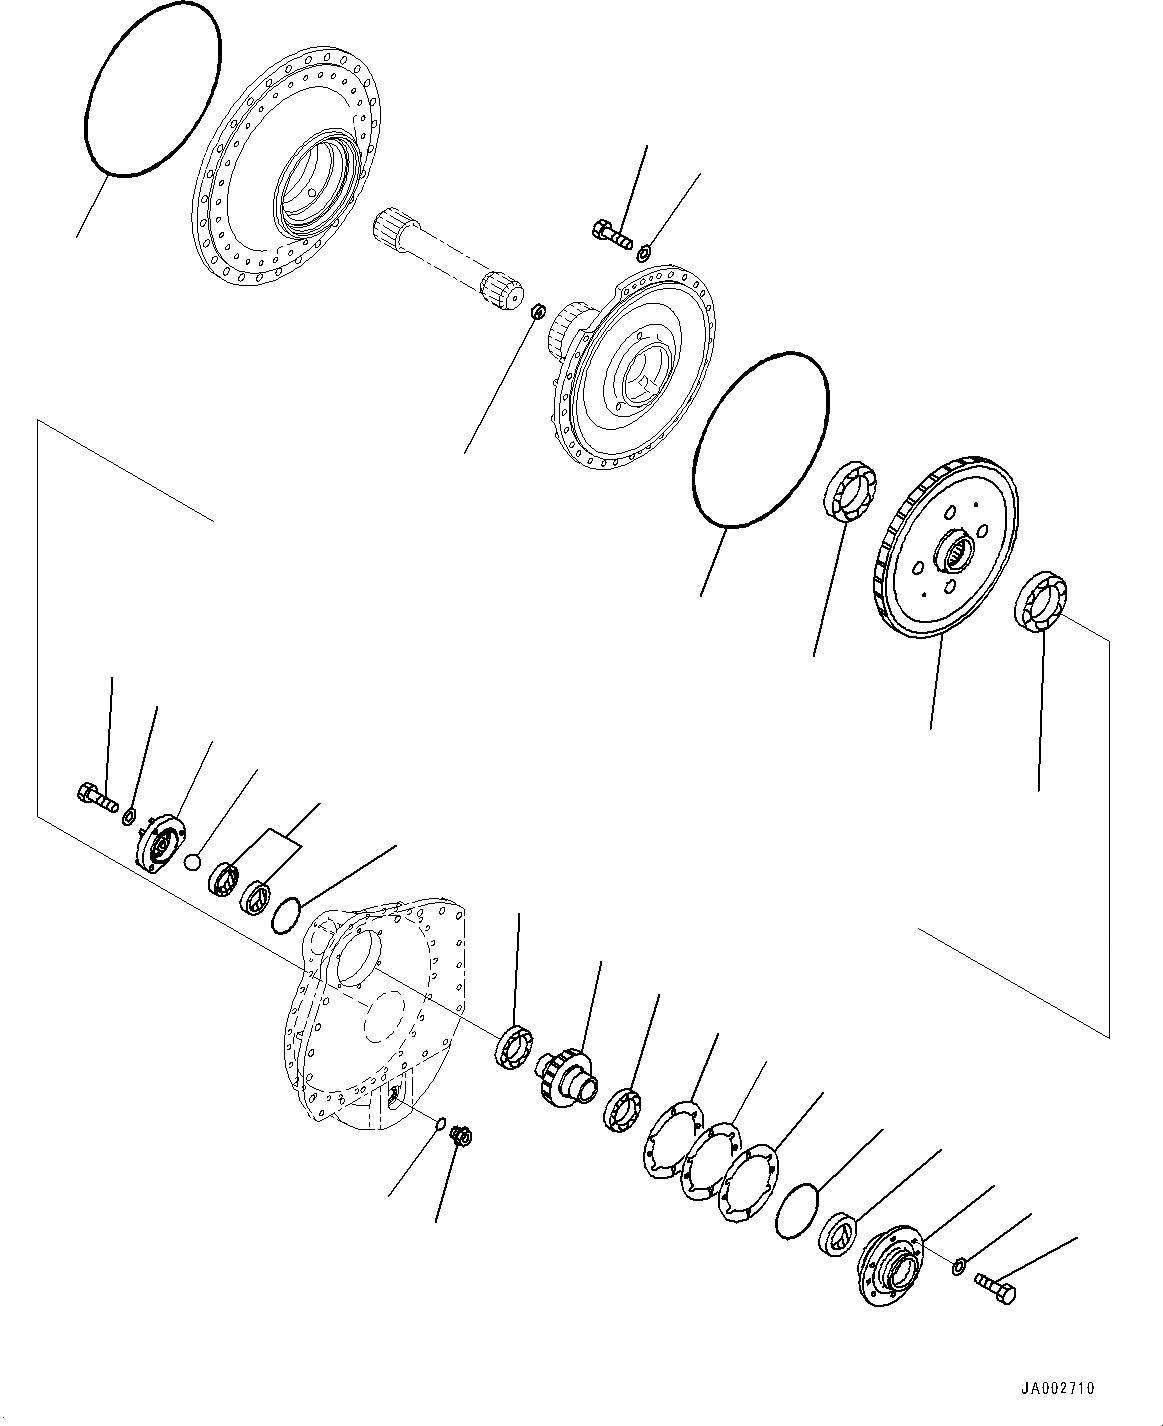 14X-27-31210 Komatsu ШЕСТЕРНЯ